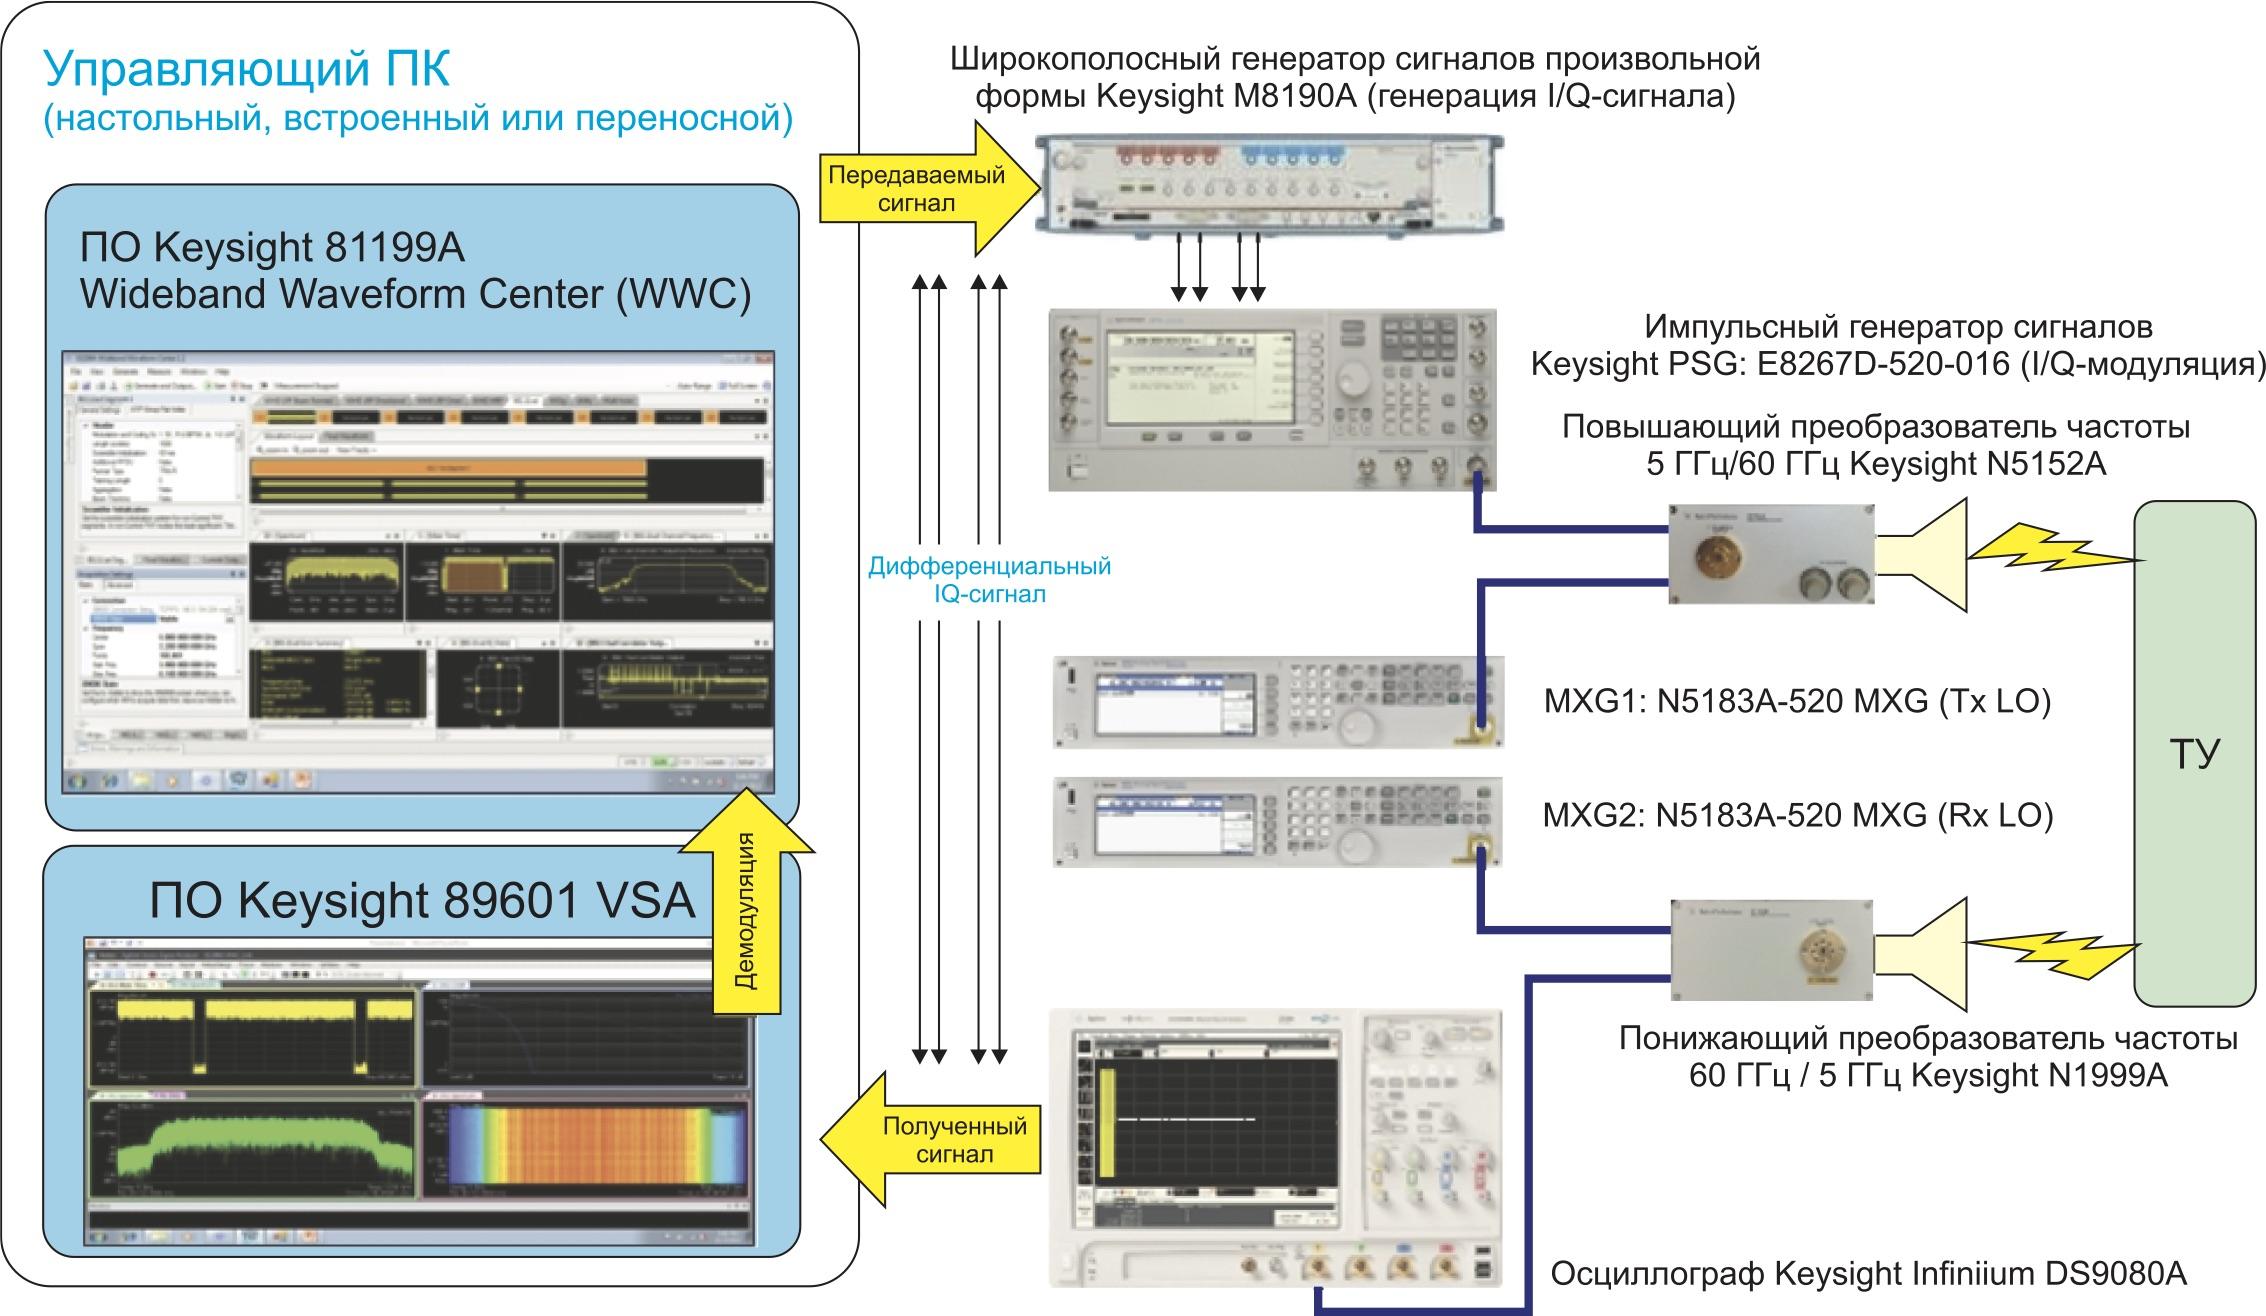 Система Keysight для генерации и анализа сигналов физического уровня 802.11ad